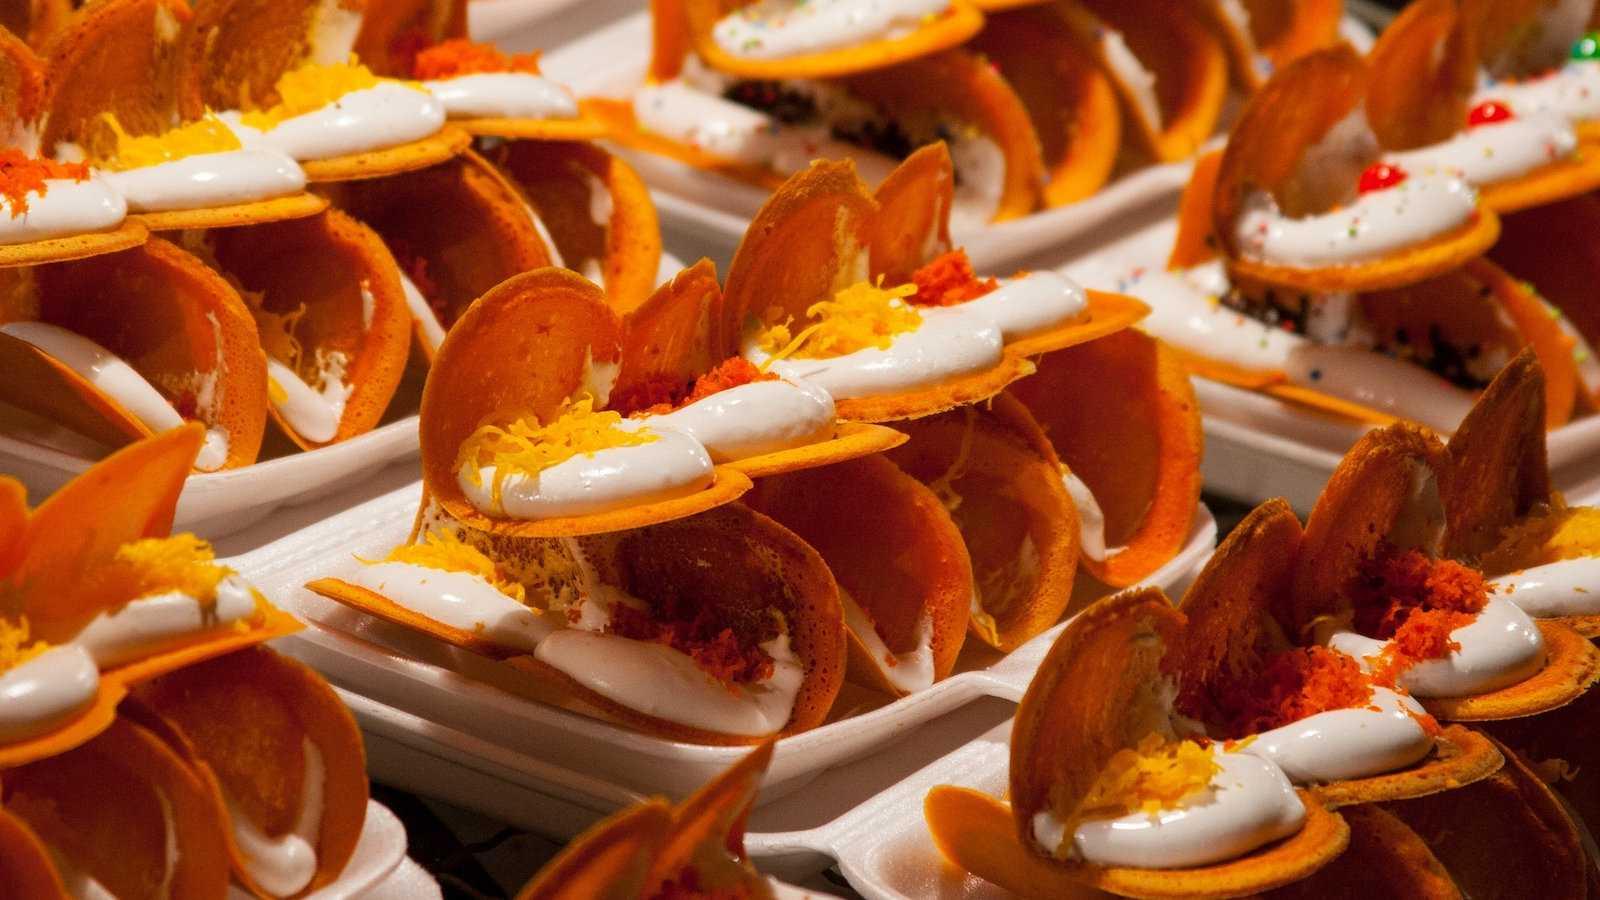 Khanom bueang parecem tacos, mas na verdade são um tipo de panqueca tailandesa crocante e doce